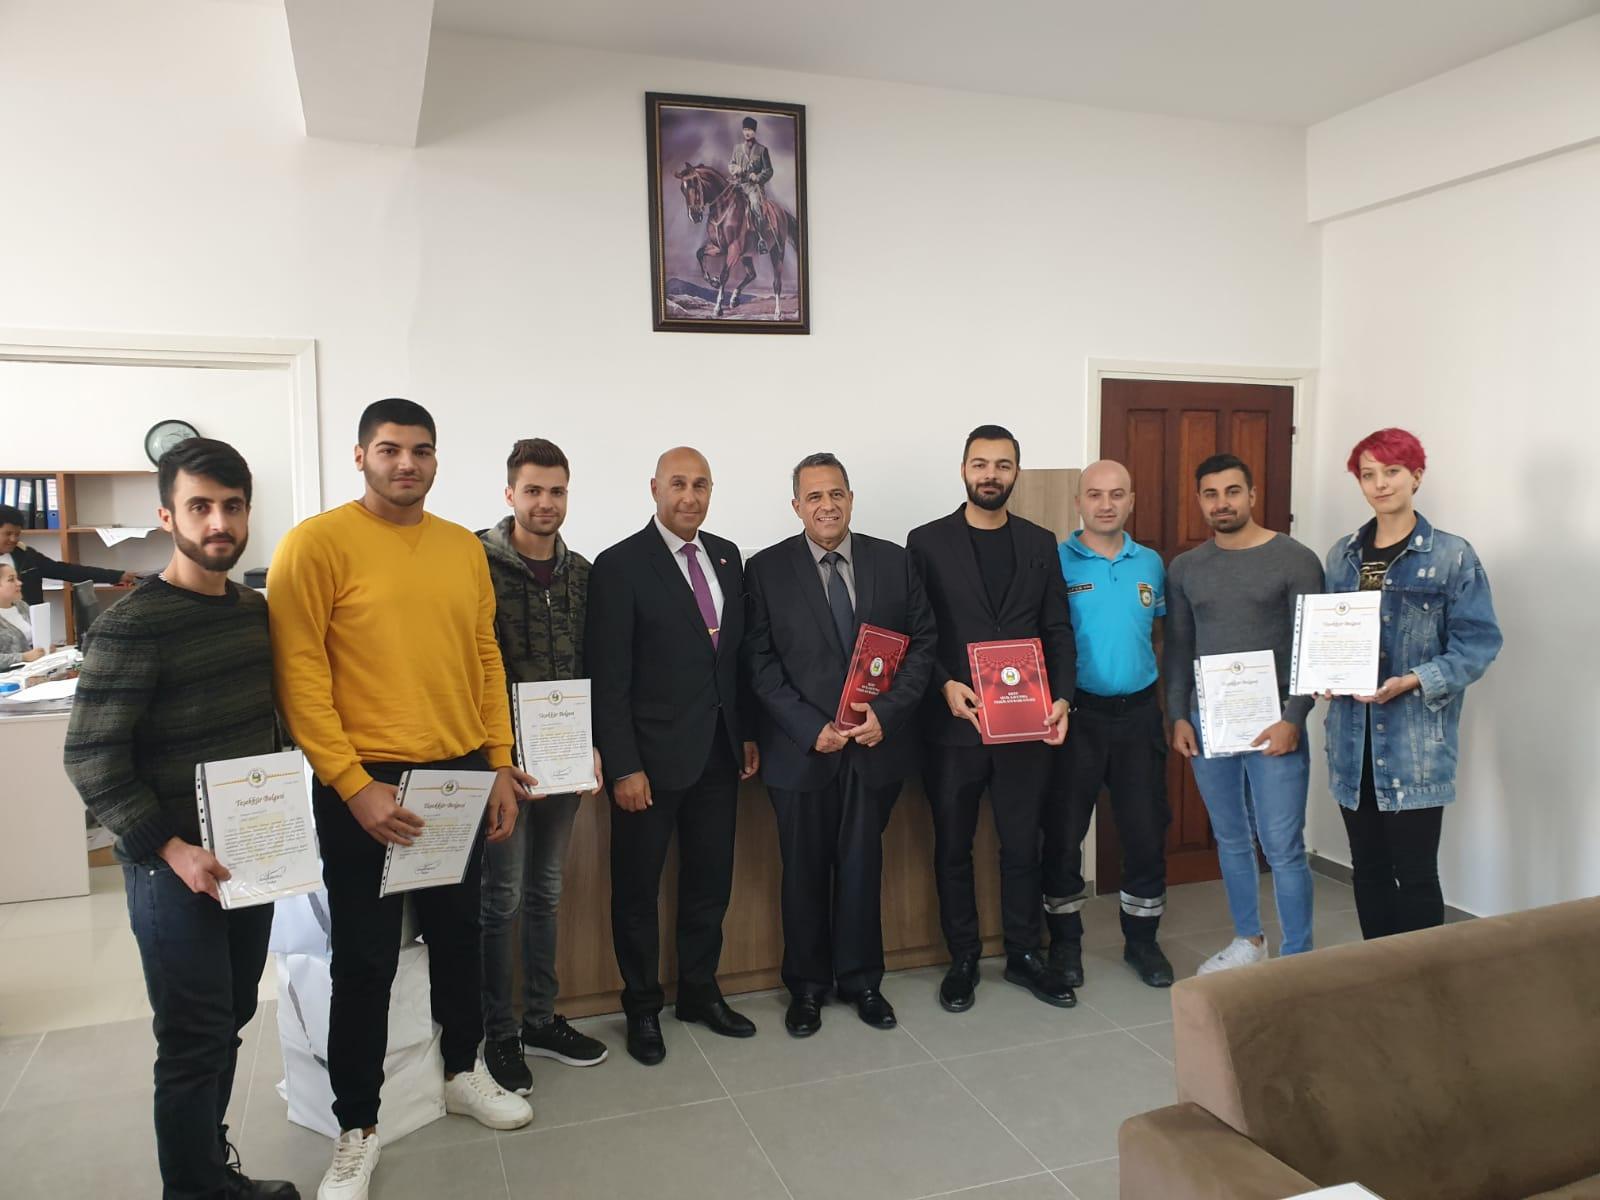 Sivil Savunma Özel Tatbikatı'na Katılan Yakın Doğu Üniversitesi Arama Kurtarma Kulübü (AKUT) Üyesi Öğrencilerine Teşekkür Belgesi Verildi…